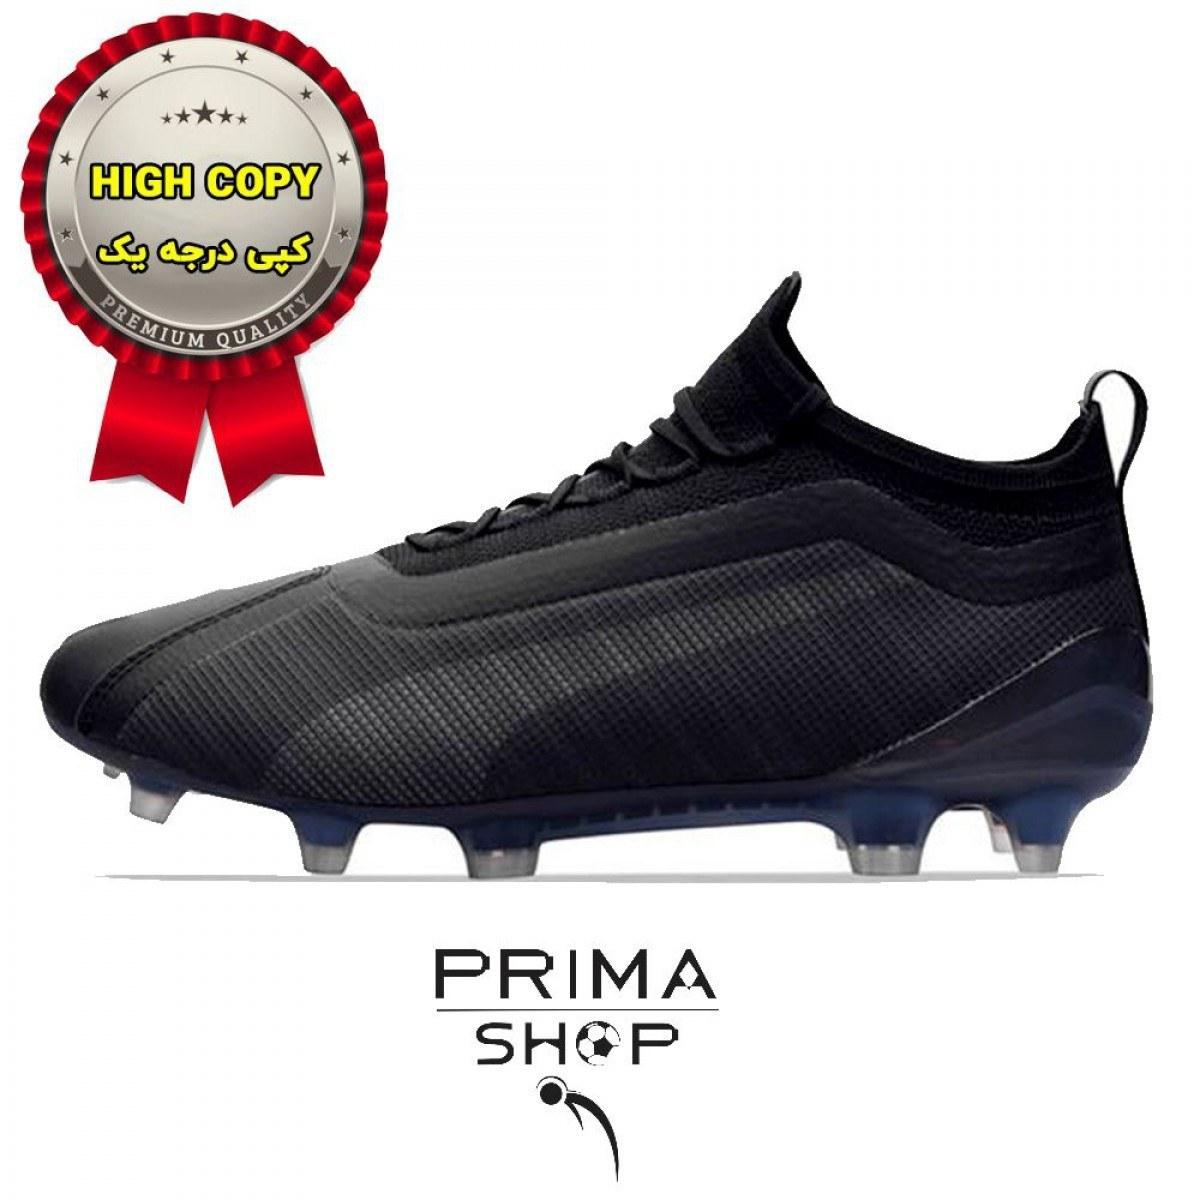 تصویر خرید کفش فوتبال پوما وان 5.1 مشکی های کپی